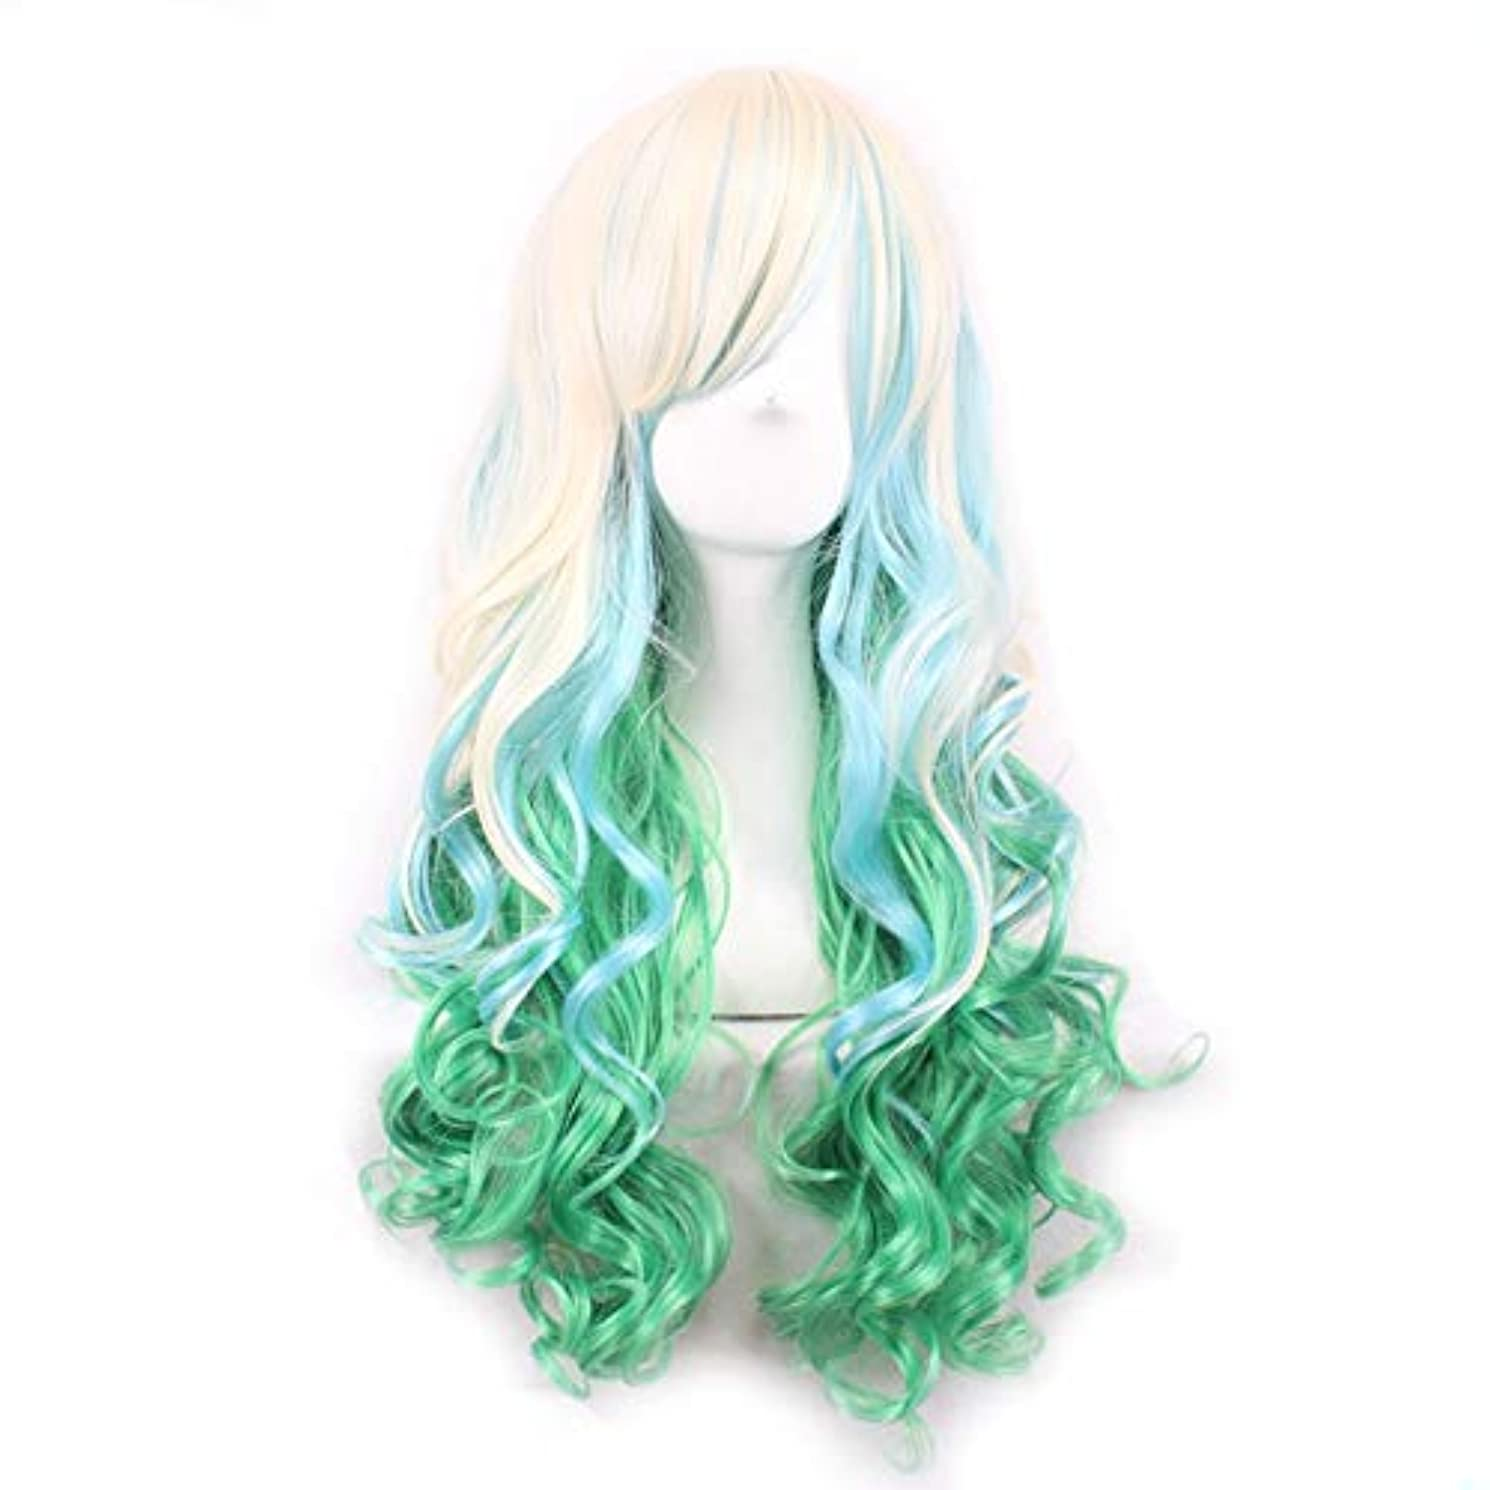 ハドル鉄道駅タクトウィッグキャップでかつらファンシードレスカールかつら女性用高品質合成毛髪コスプレ高密度かつら女性&女の子用グリーン、ダークグリーン (Color : 緑)